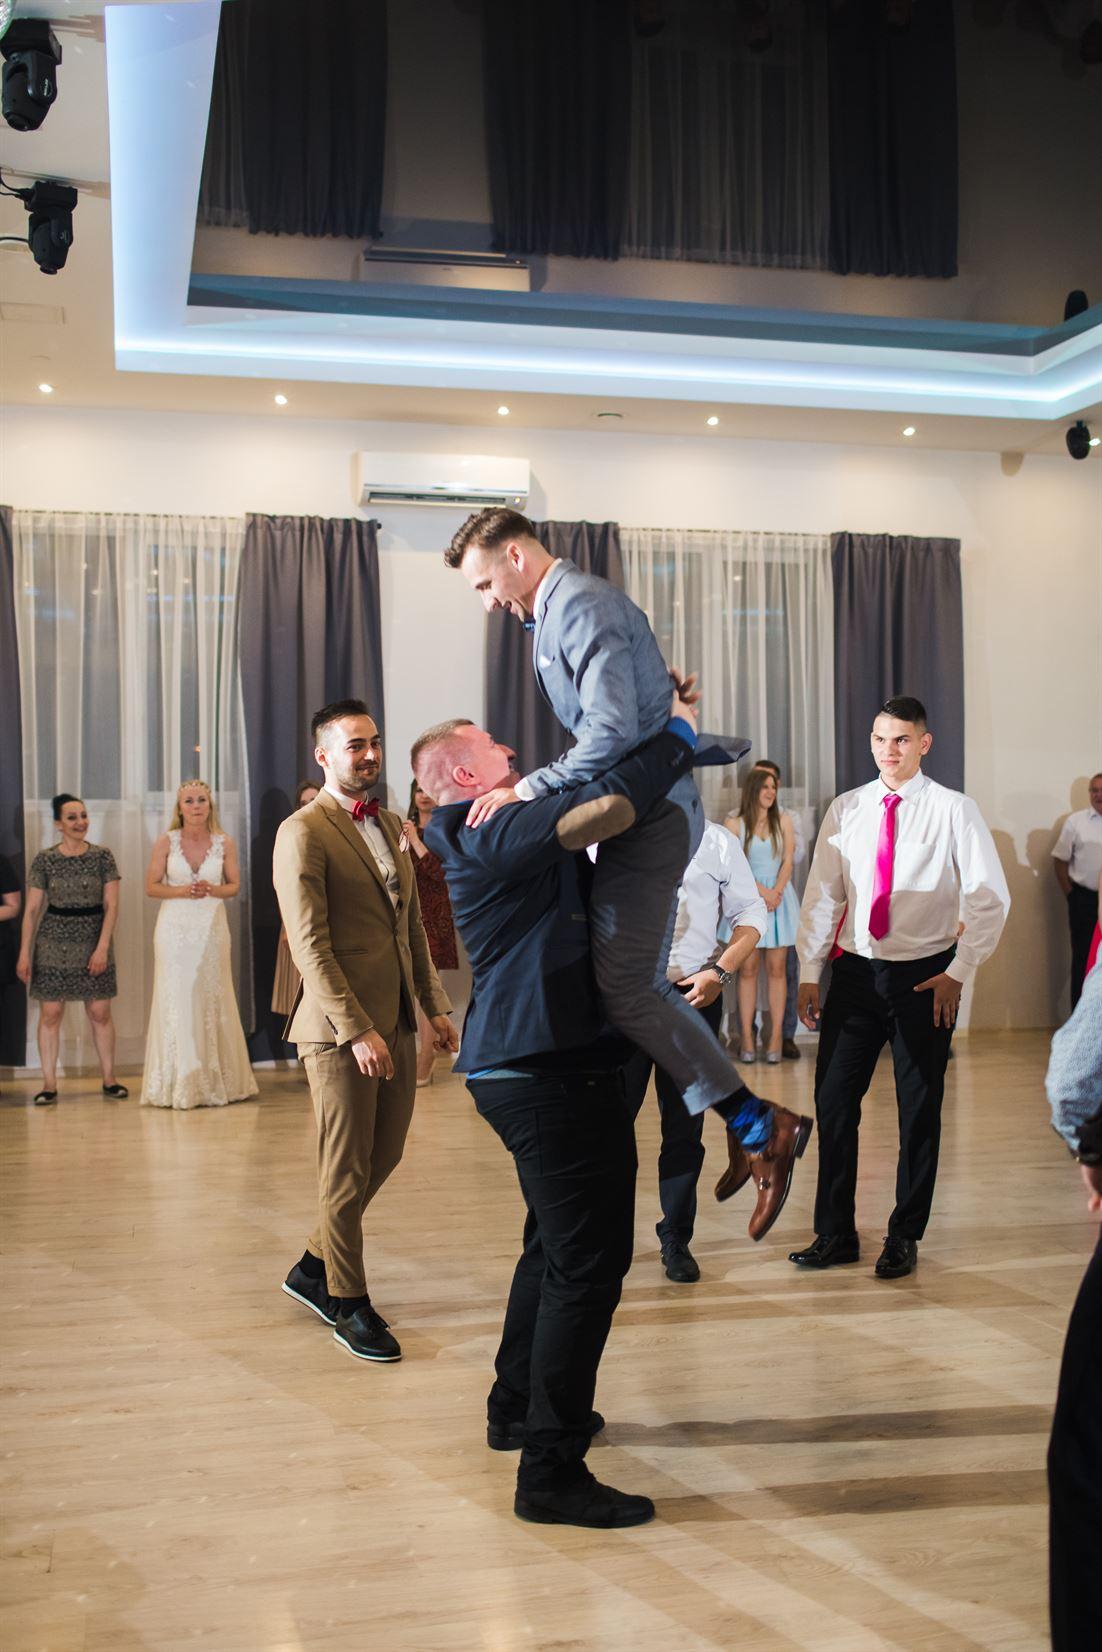 podrzucanie pana młodego na weselu